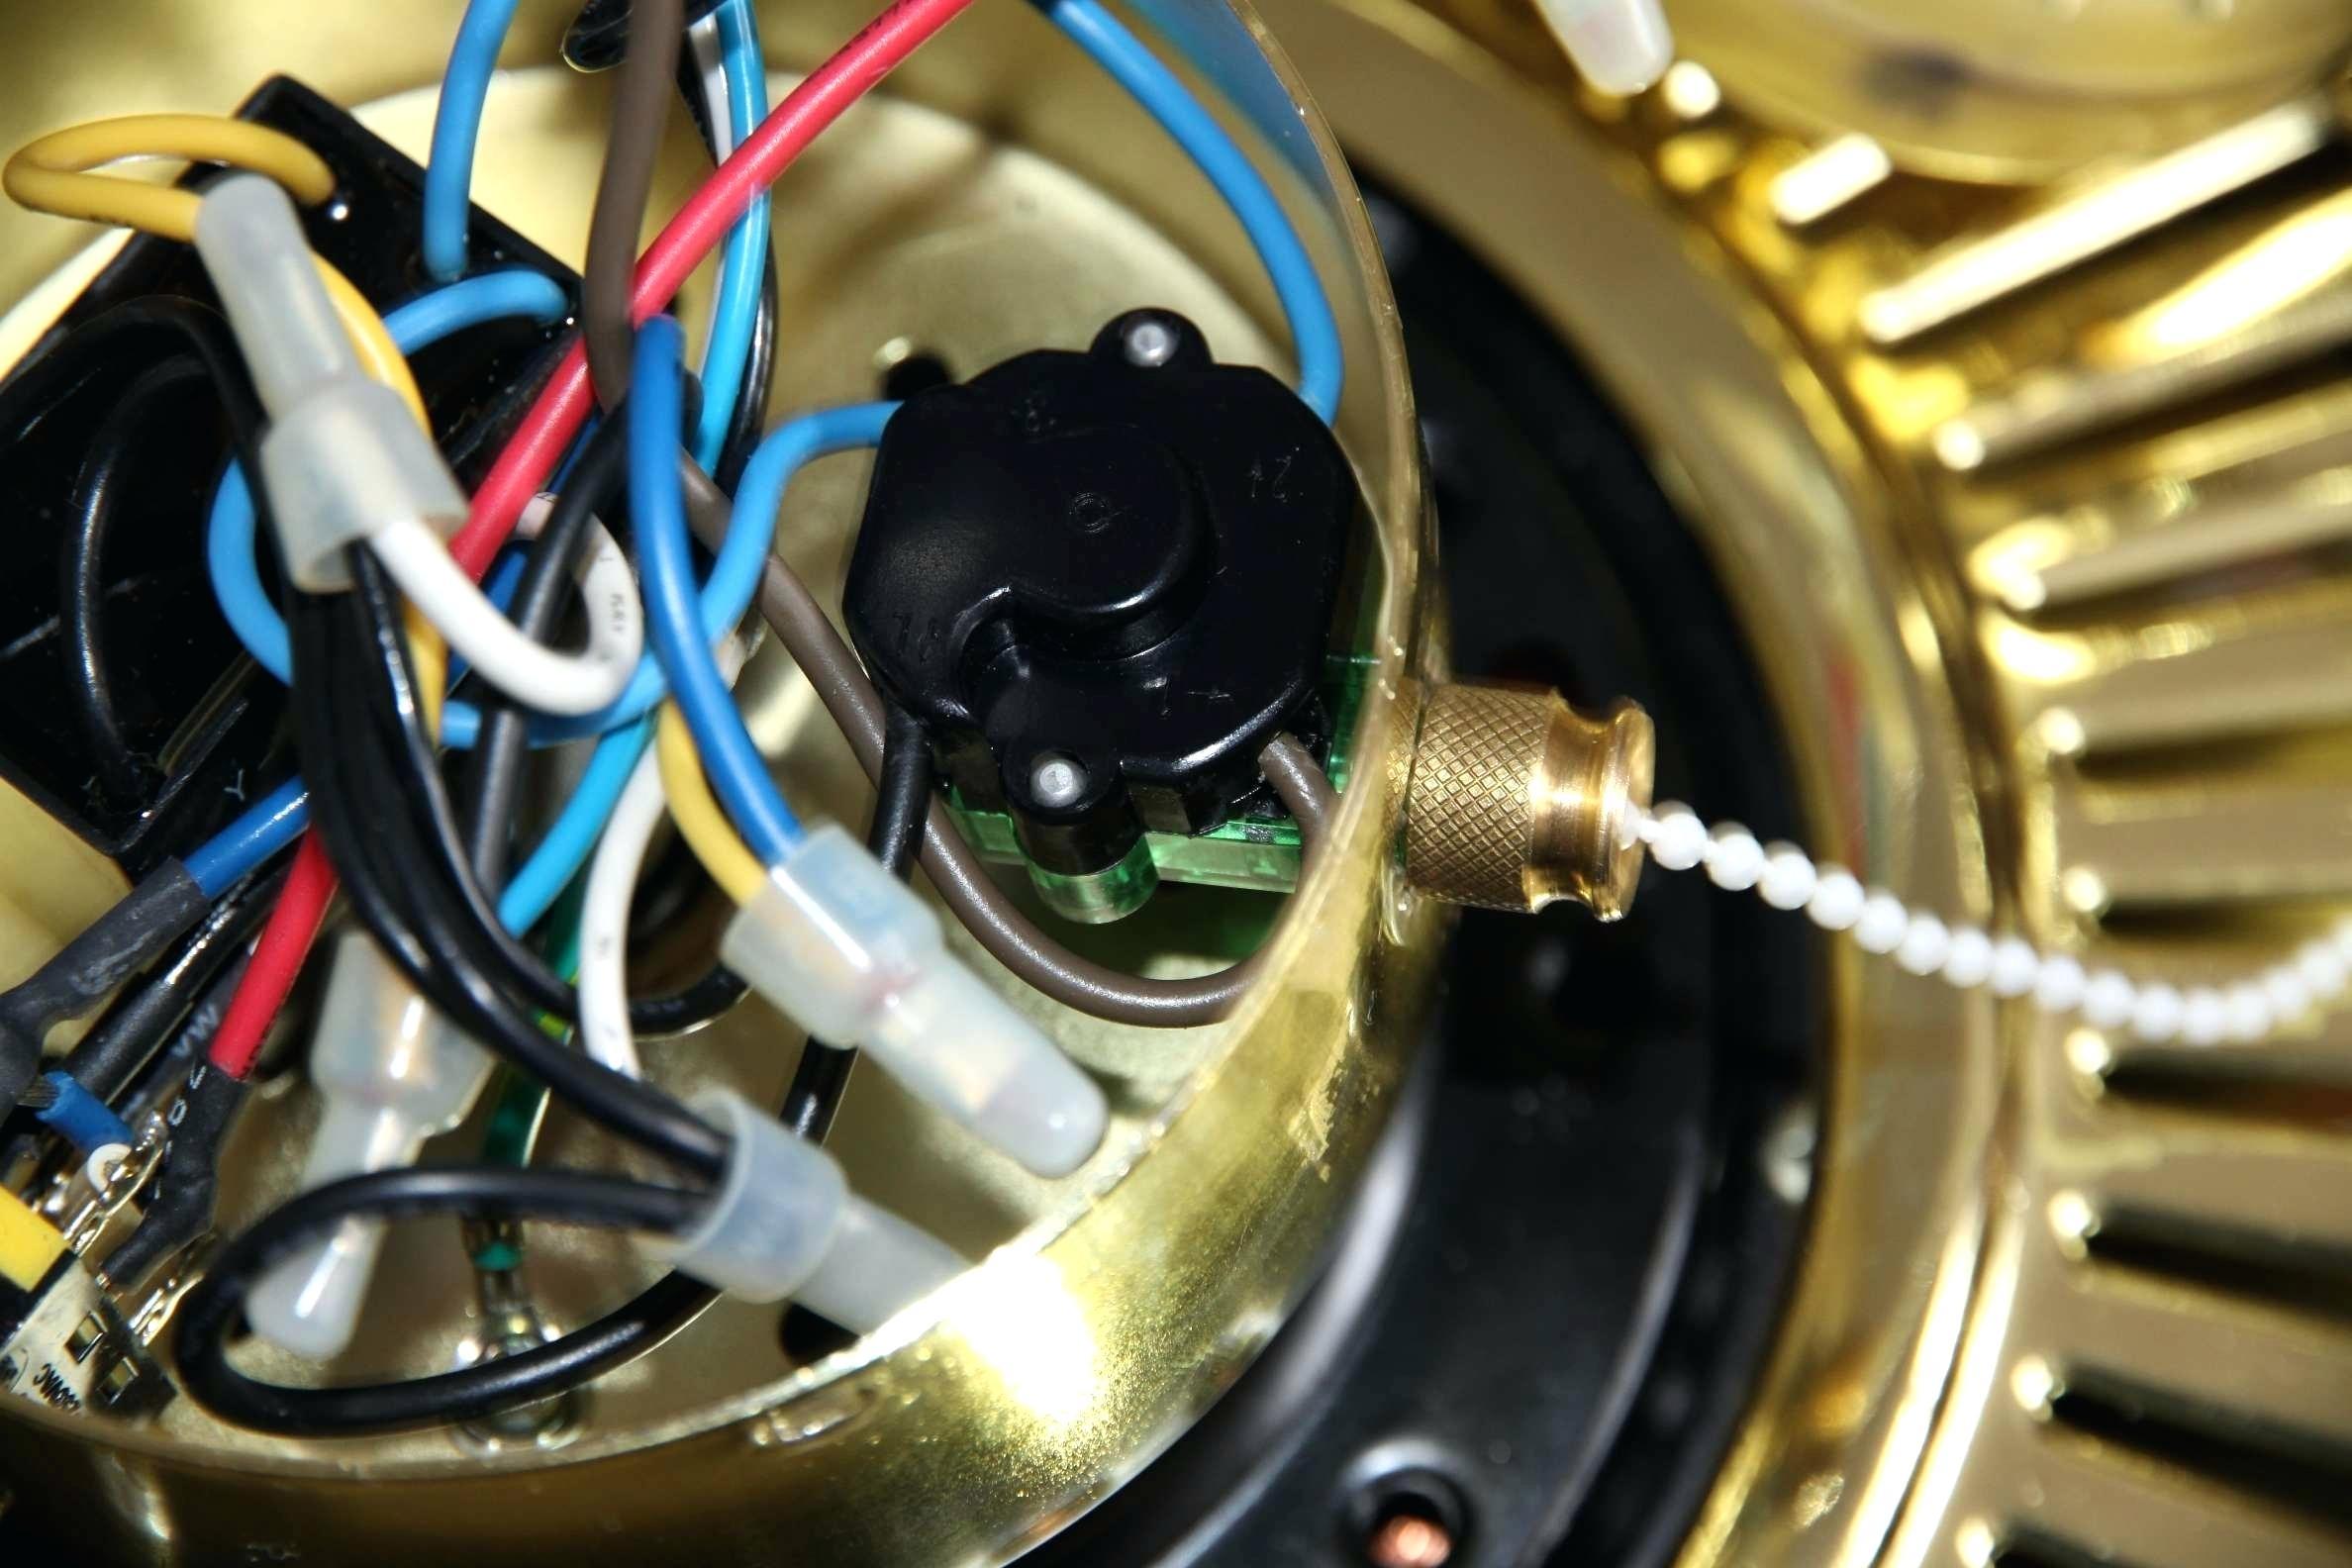 Harbor Breeze Ceiling Fan 3 Speed Switch Wiring Diagram | Wiring Diagram - Ceiling Fan Internal Wiring Diagram